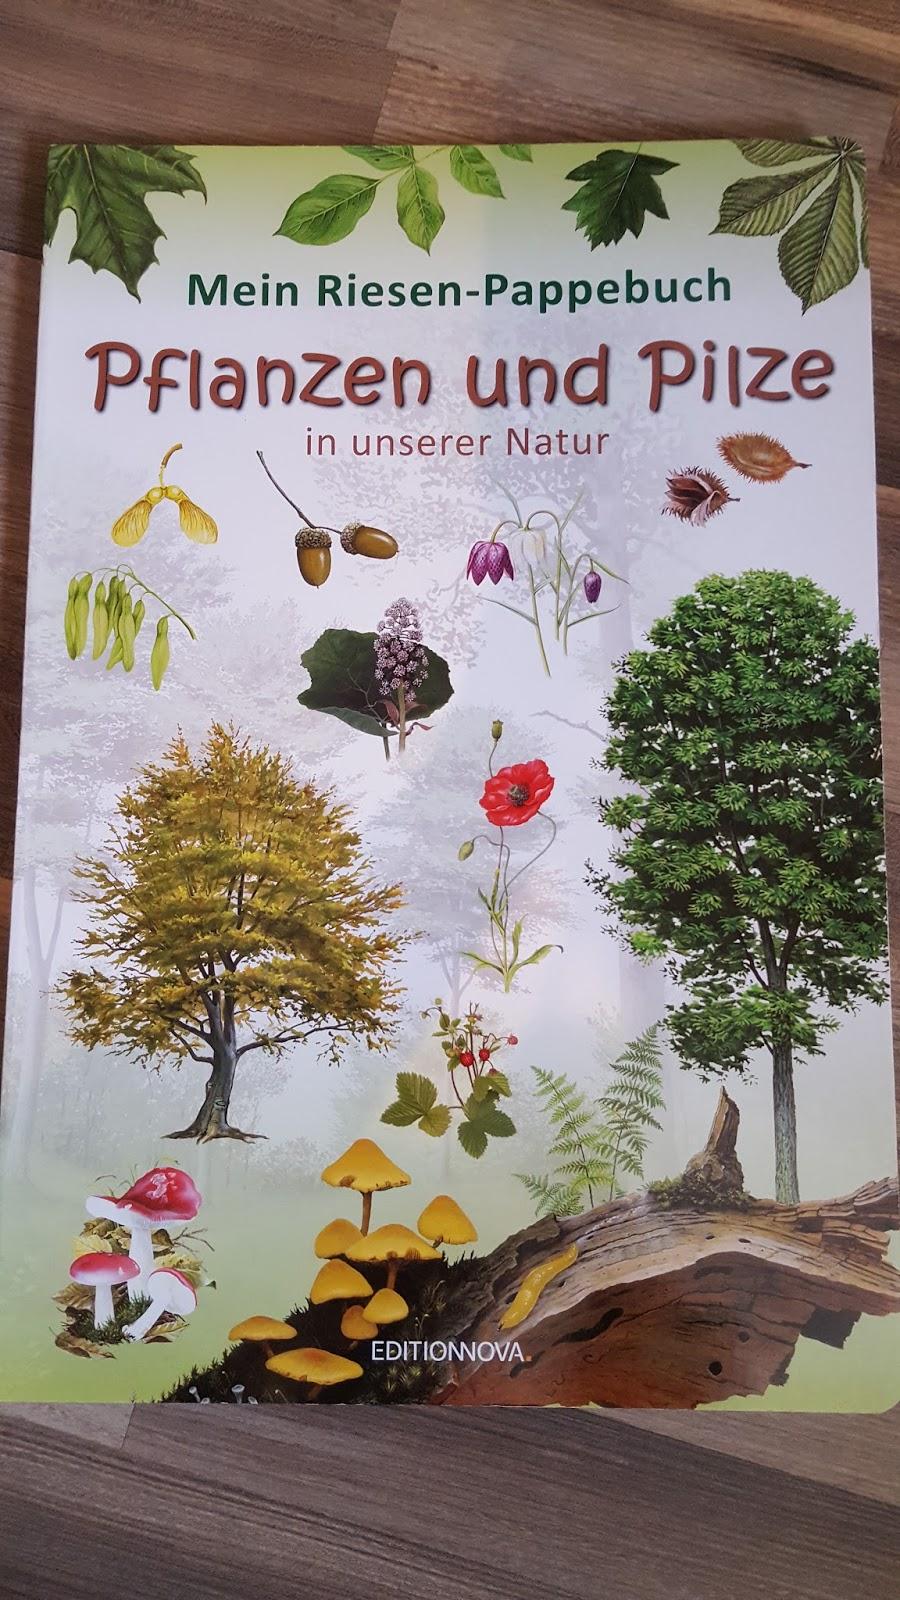 grundschultante bilderbuch pflanzen und pilze in unserer natur. Black Bedroom Furniture Sets. Home Design Ideas